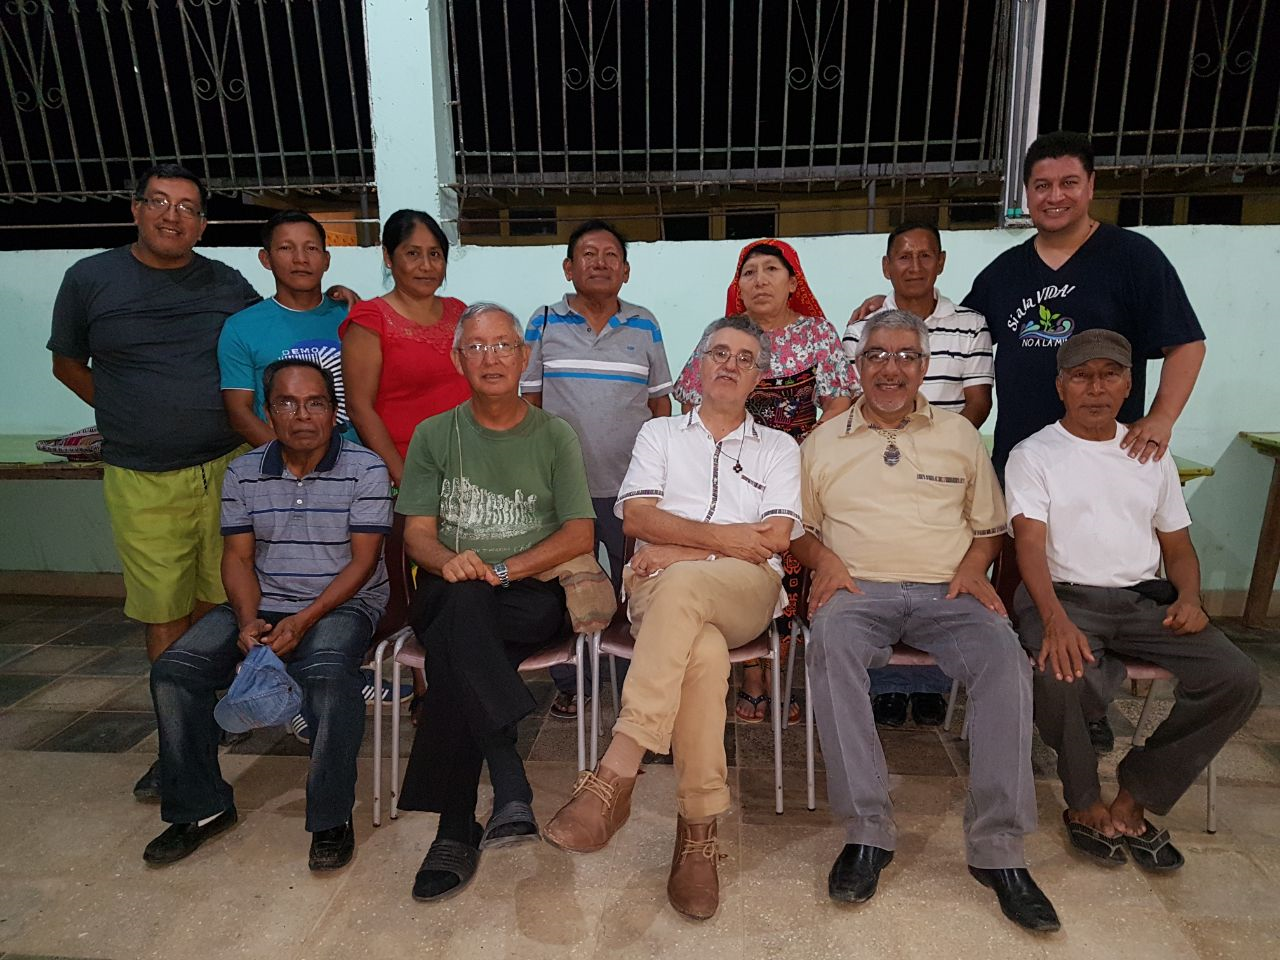 IV Encuentro Nacional de Misión y Solidaridad, Aguafría, Darién, Panamá, 16 al 19 de noviembre de 2017